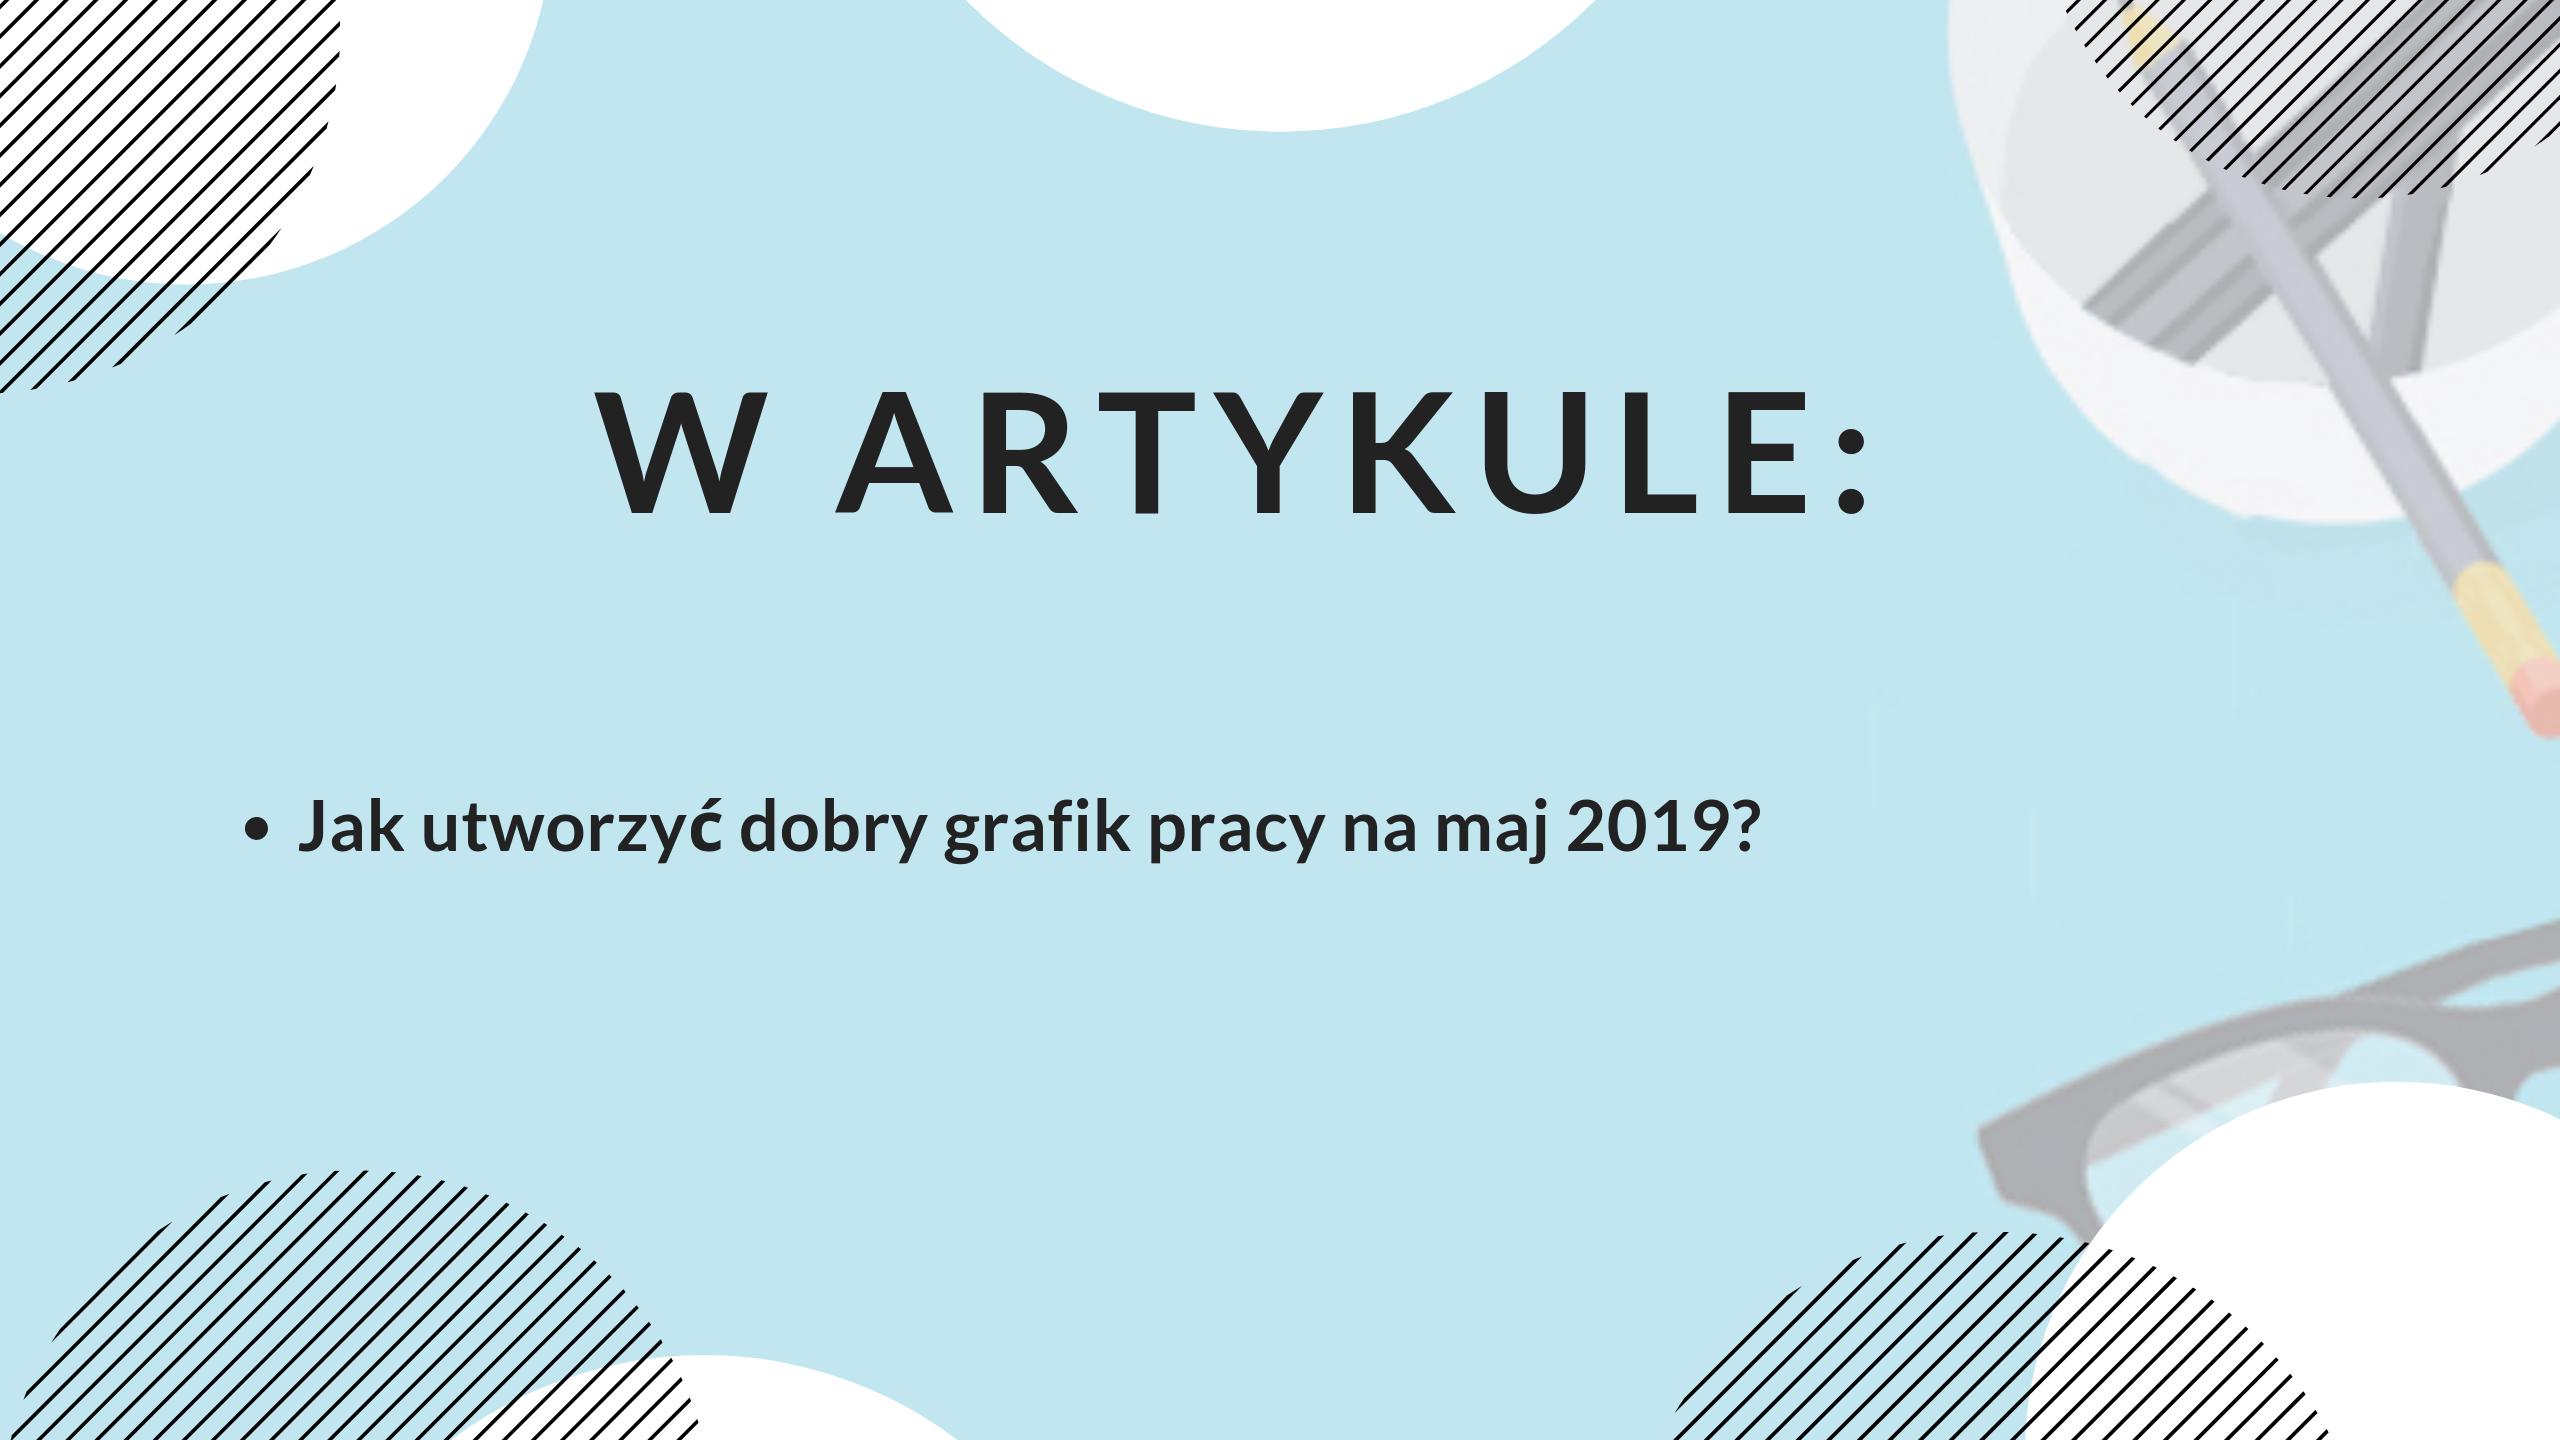 Jak utworzyć dobry grafik pracy na maj 2019?